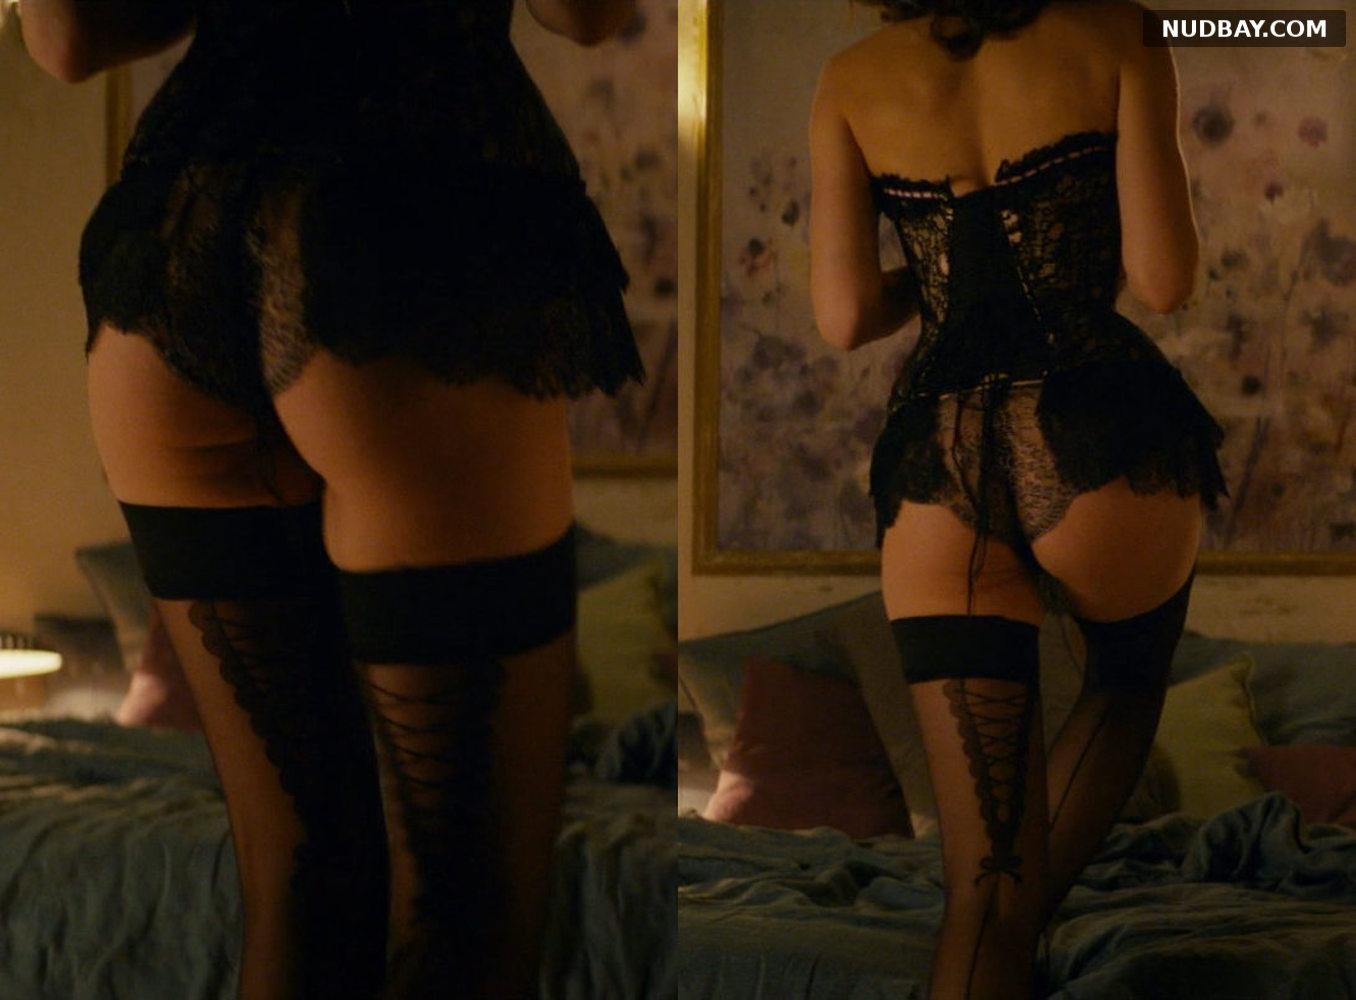 Olga Kurylenko nude ass - The Room (2019)